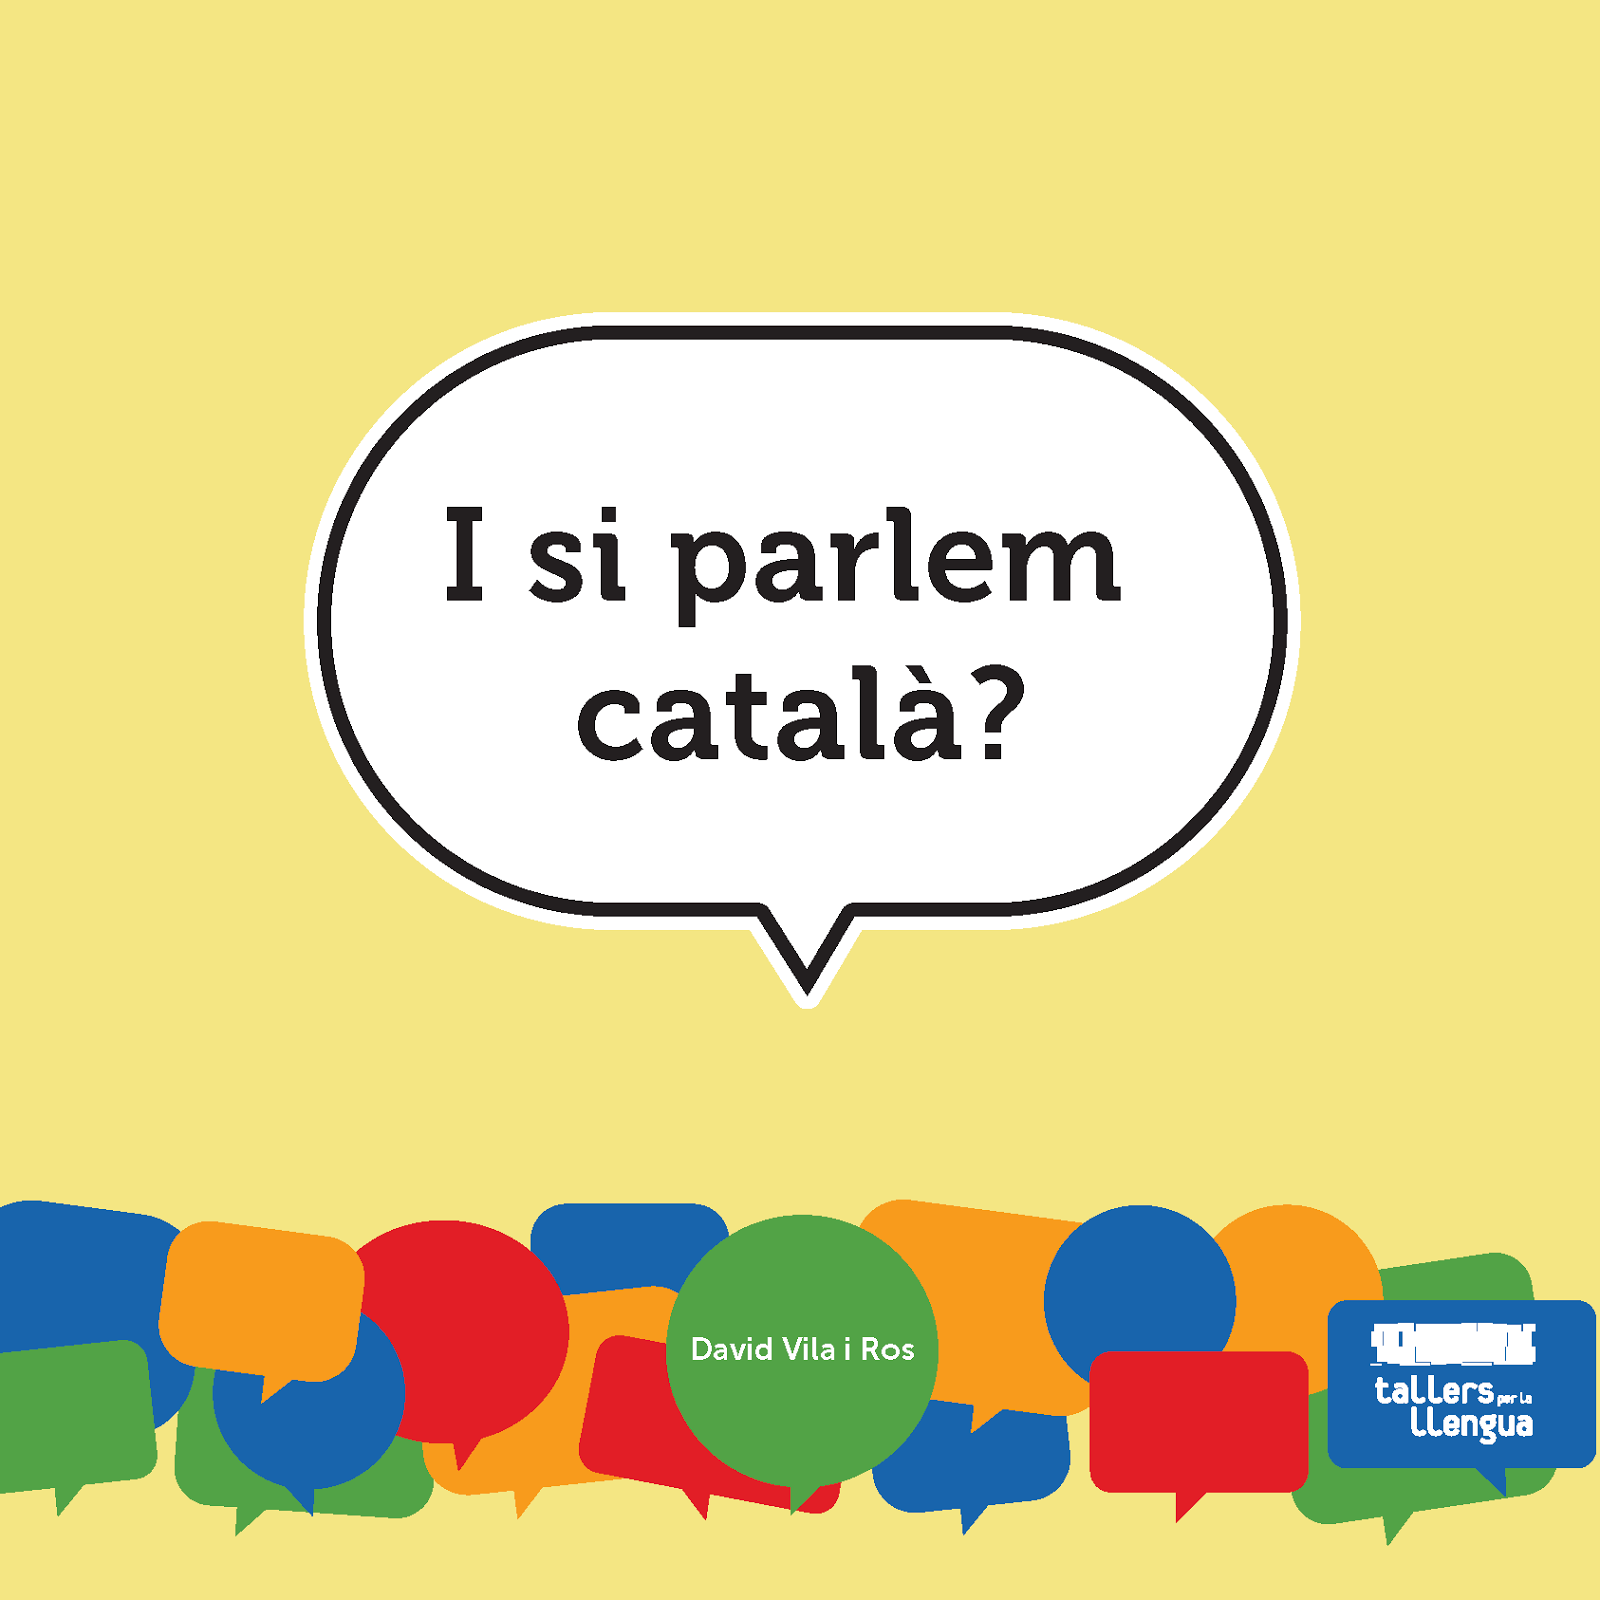 Presentació 'I si parlem català?' a Sabadell, ds 1 a les 12 a la seu d'ERC